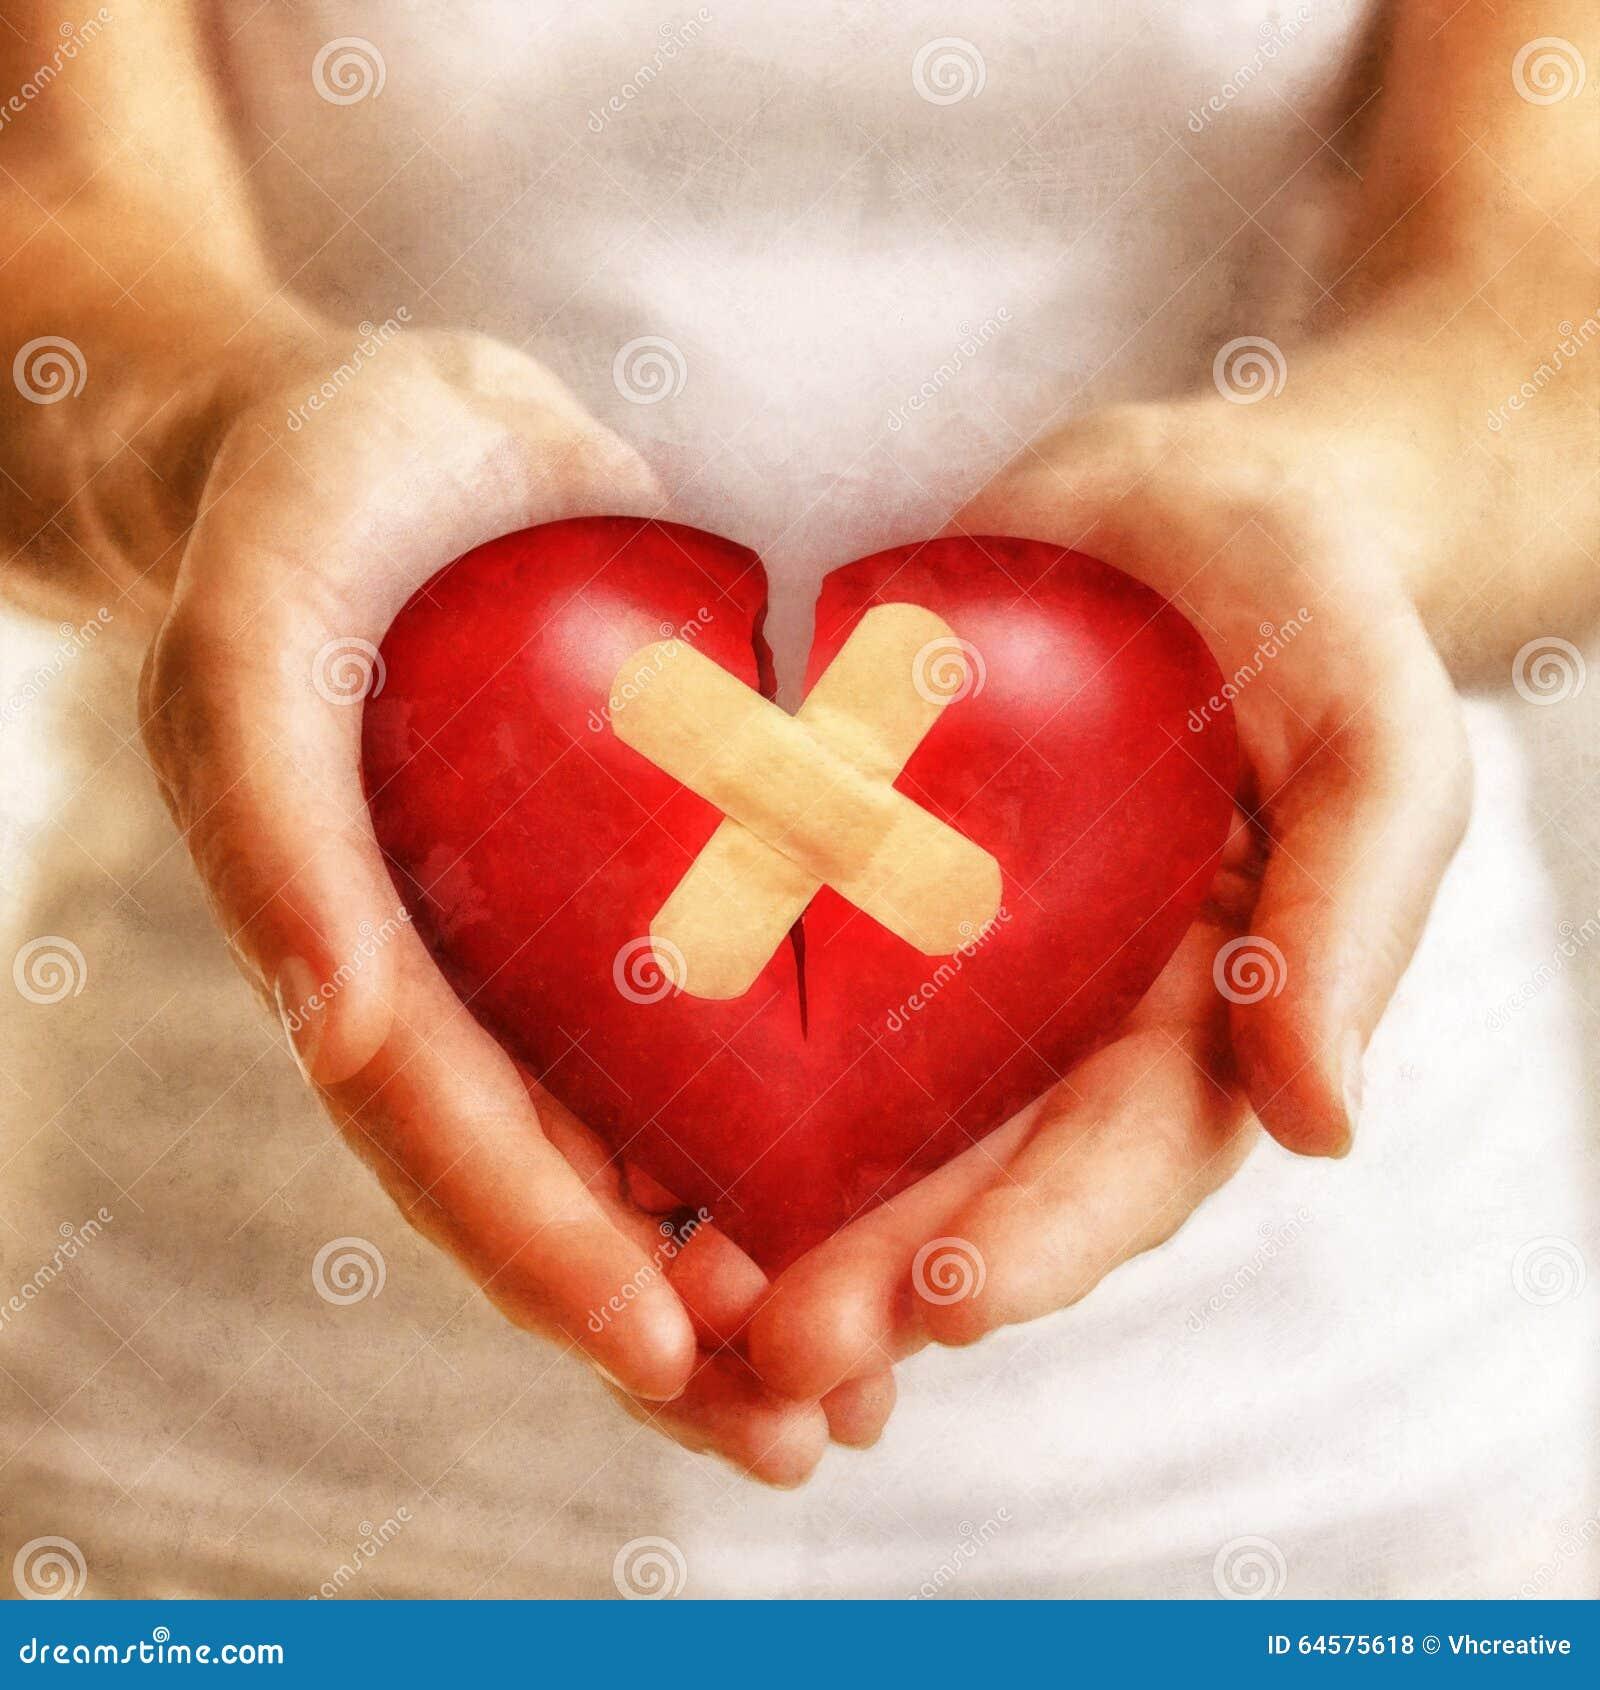 Kindness heals a broken heart